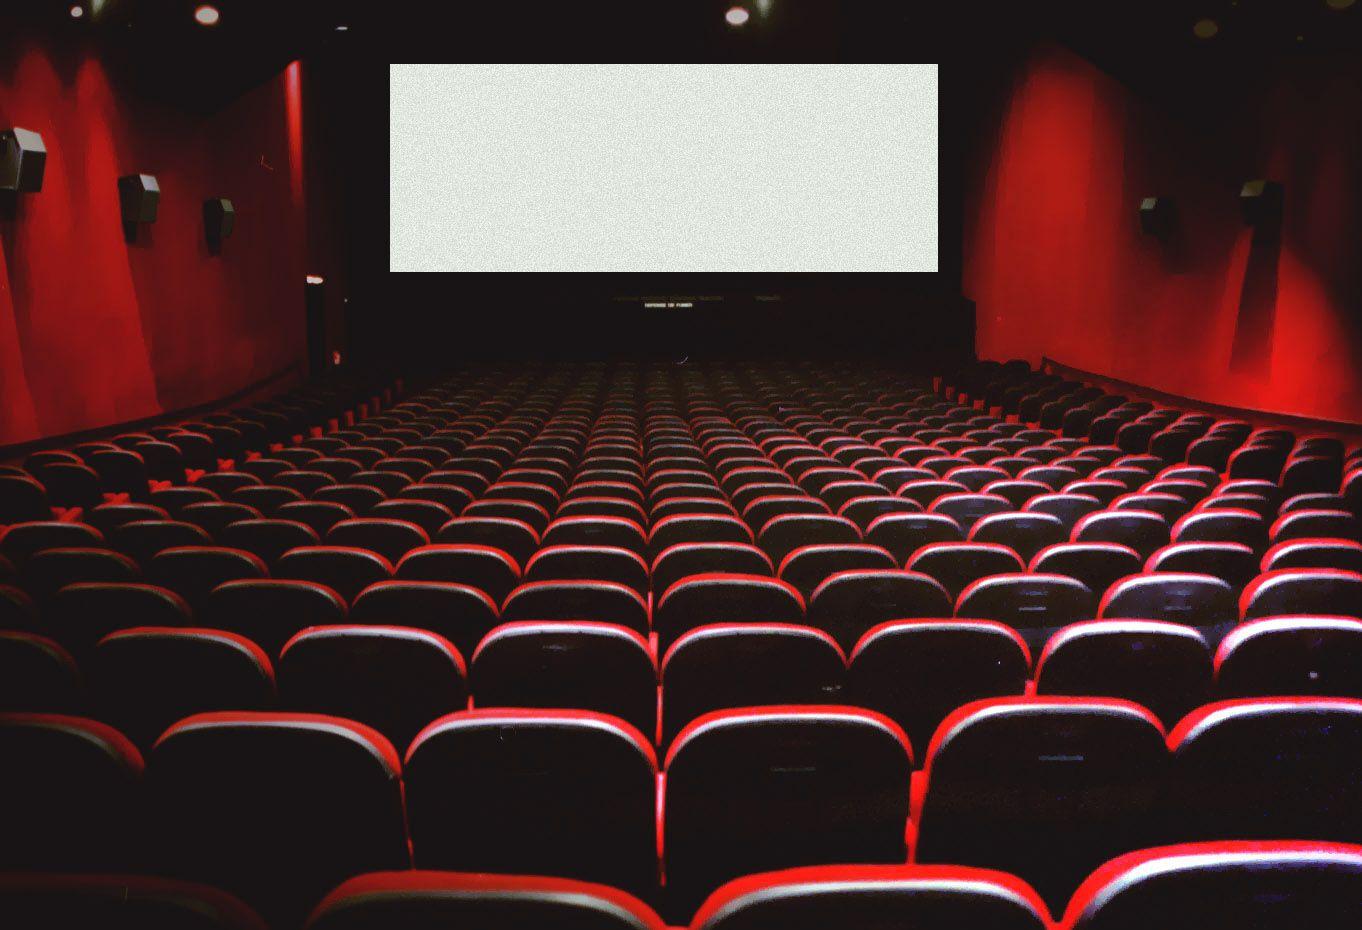 تأثیر ترکشهای جنگ و ویروس کرونا بر سینما